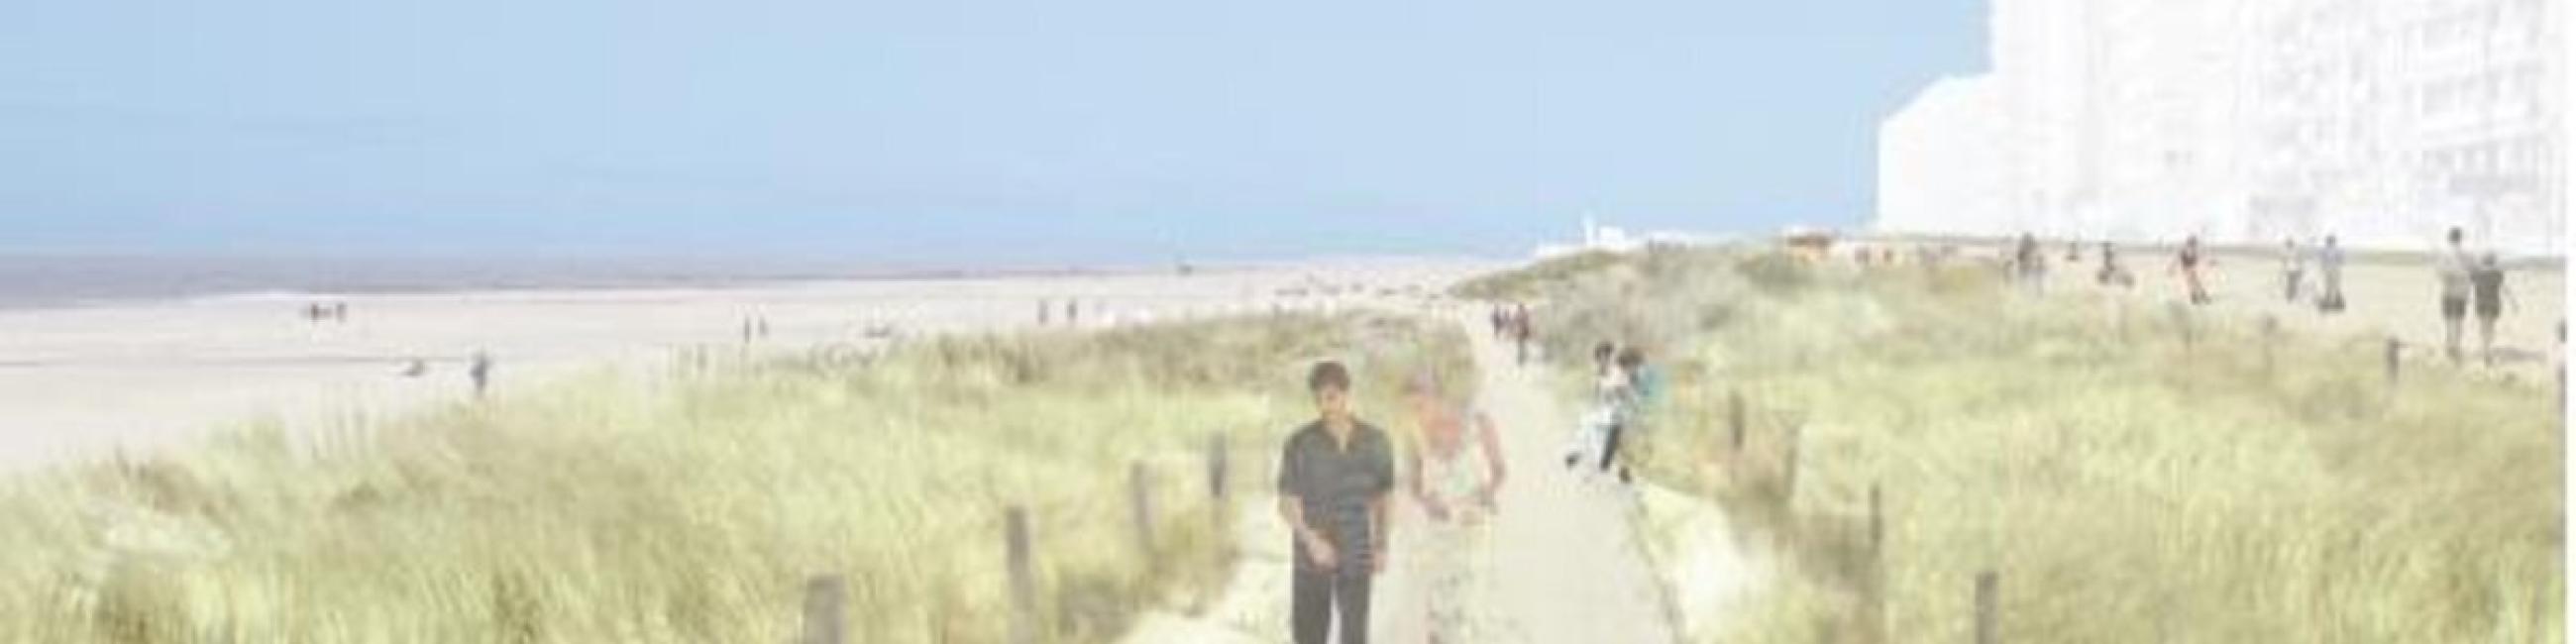 Lezing Morfologie van de kustlijn - 17/11/2021